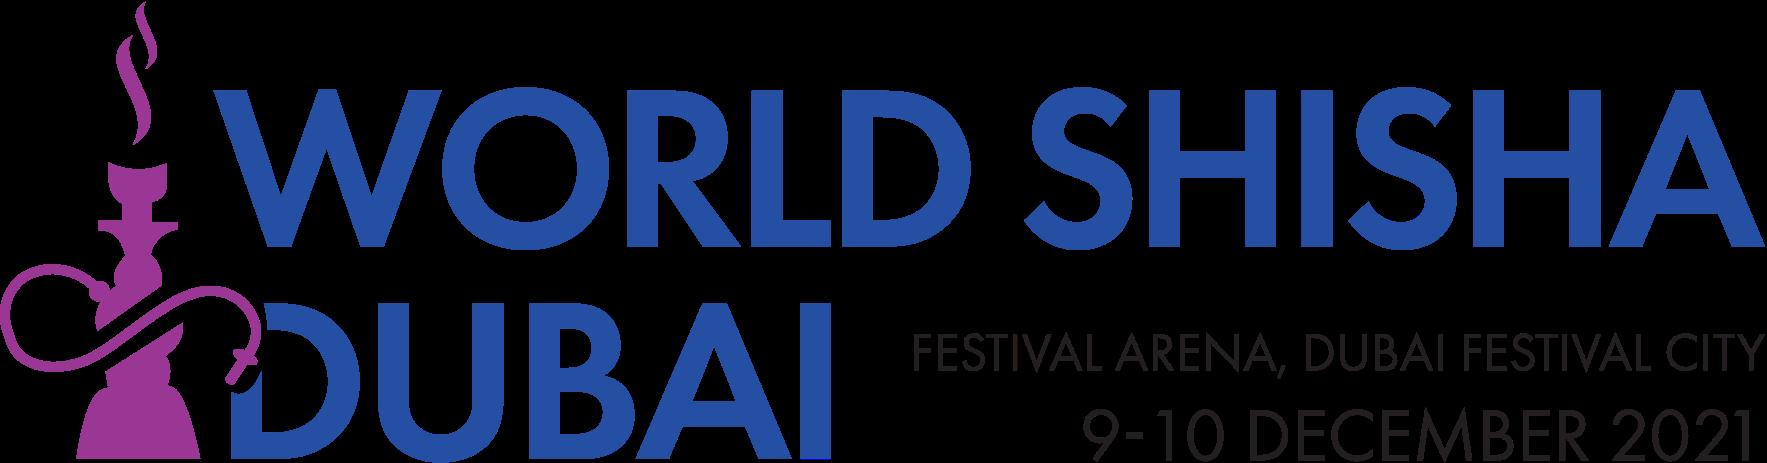 World Shisha Dubai